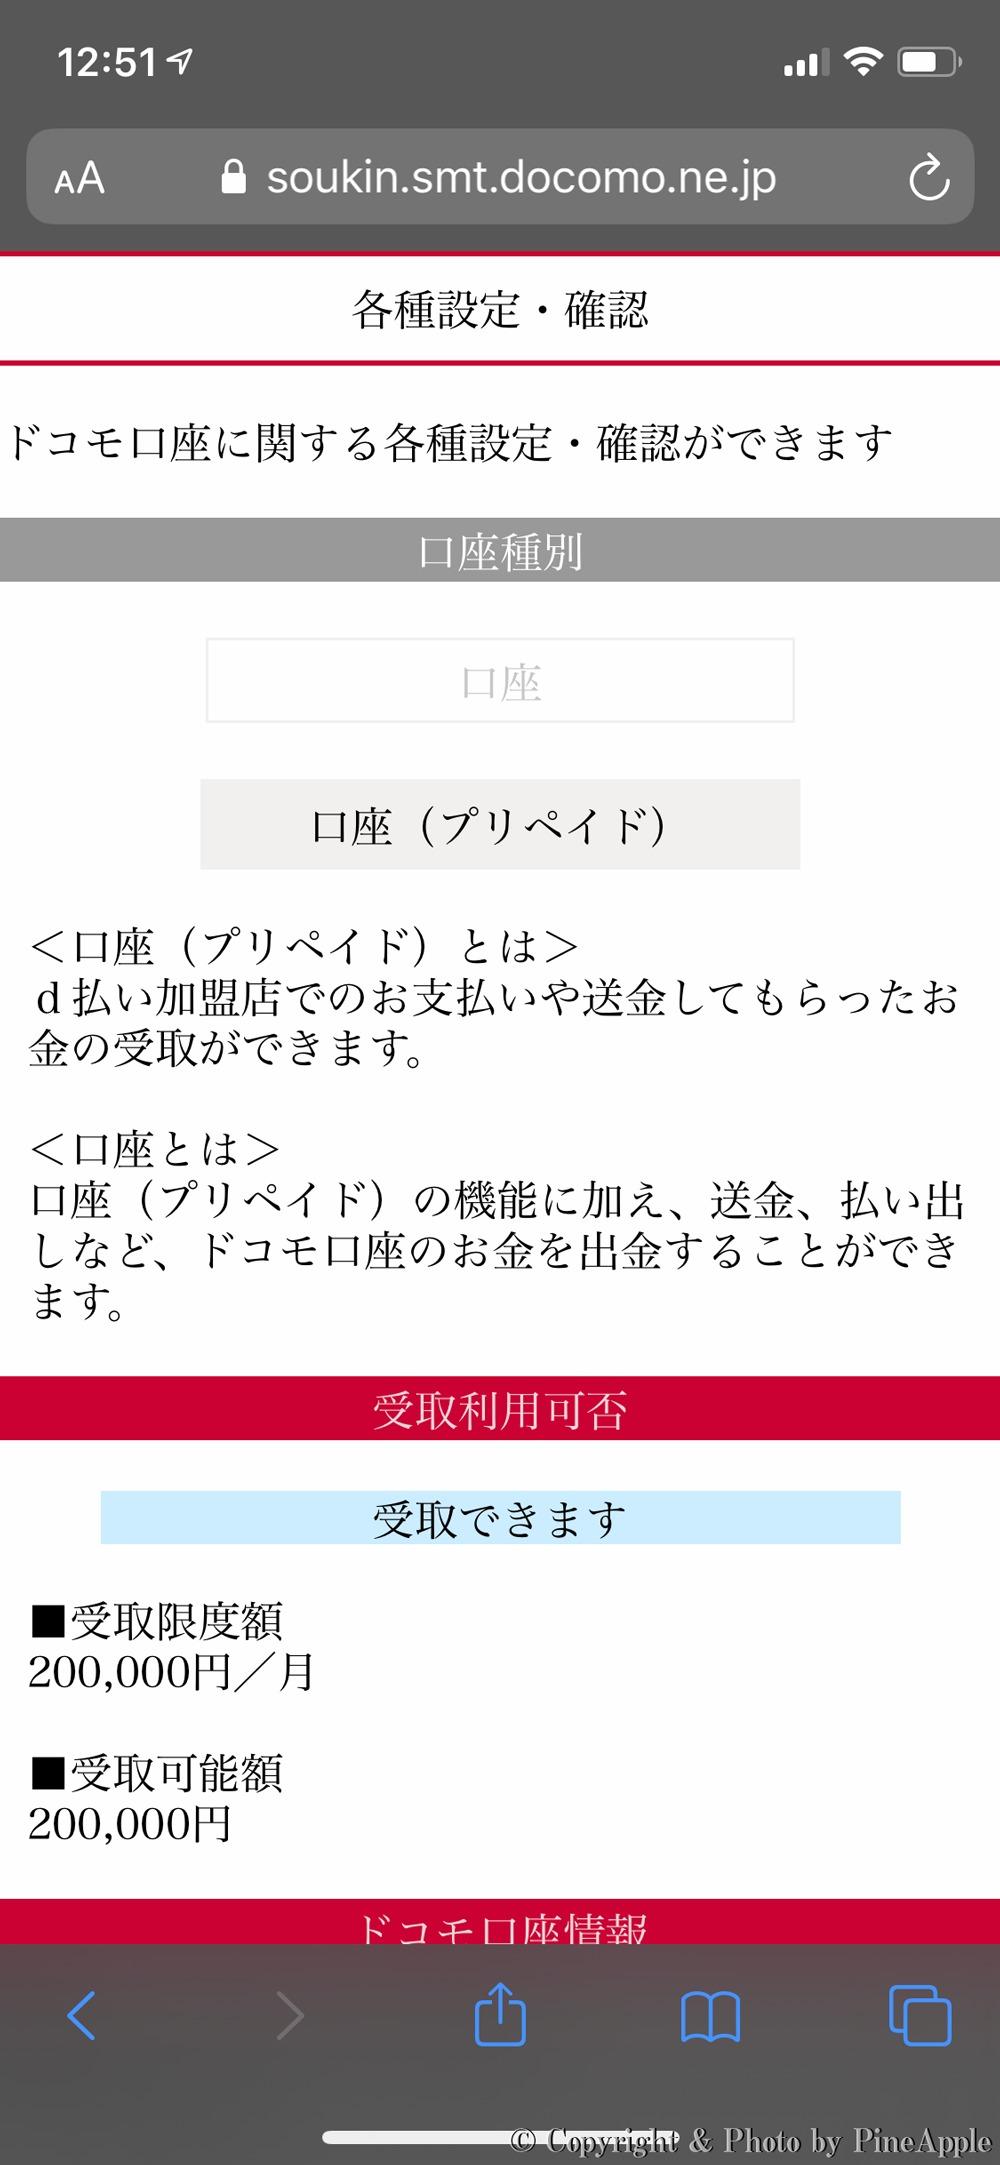 ドコモ口座:「各種設定・確認」画面を下にスワイプし、「サービスの解約」より「解約する」をタップ